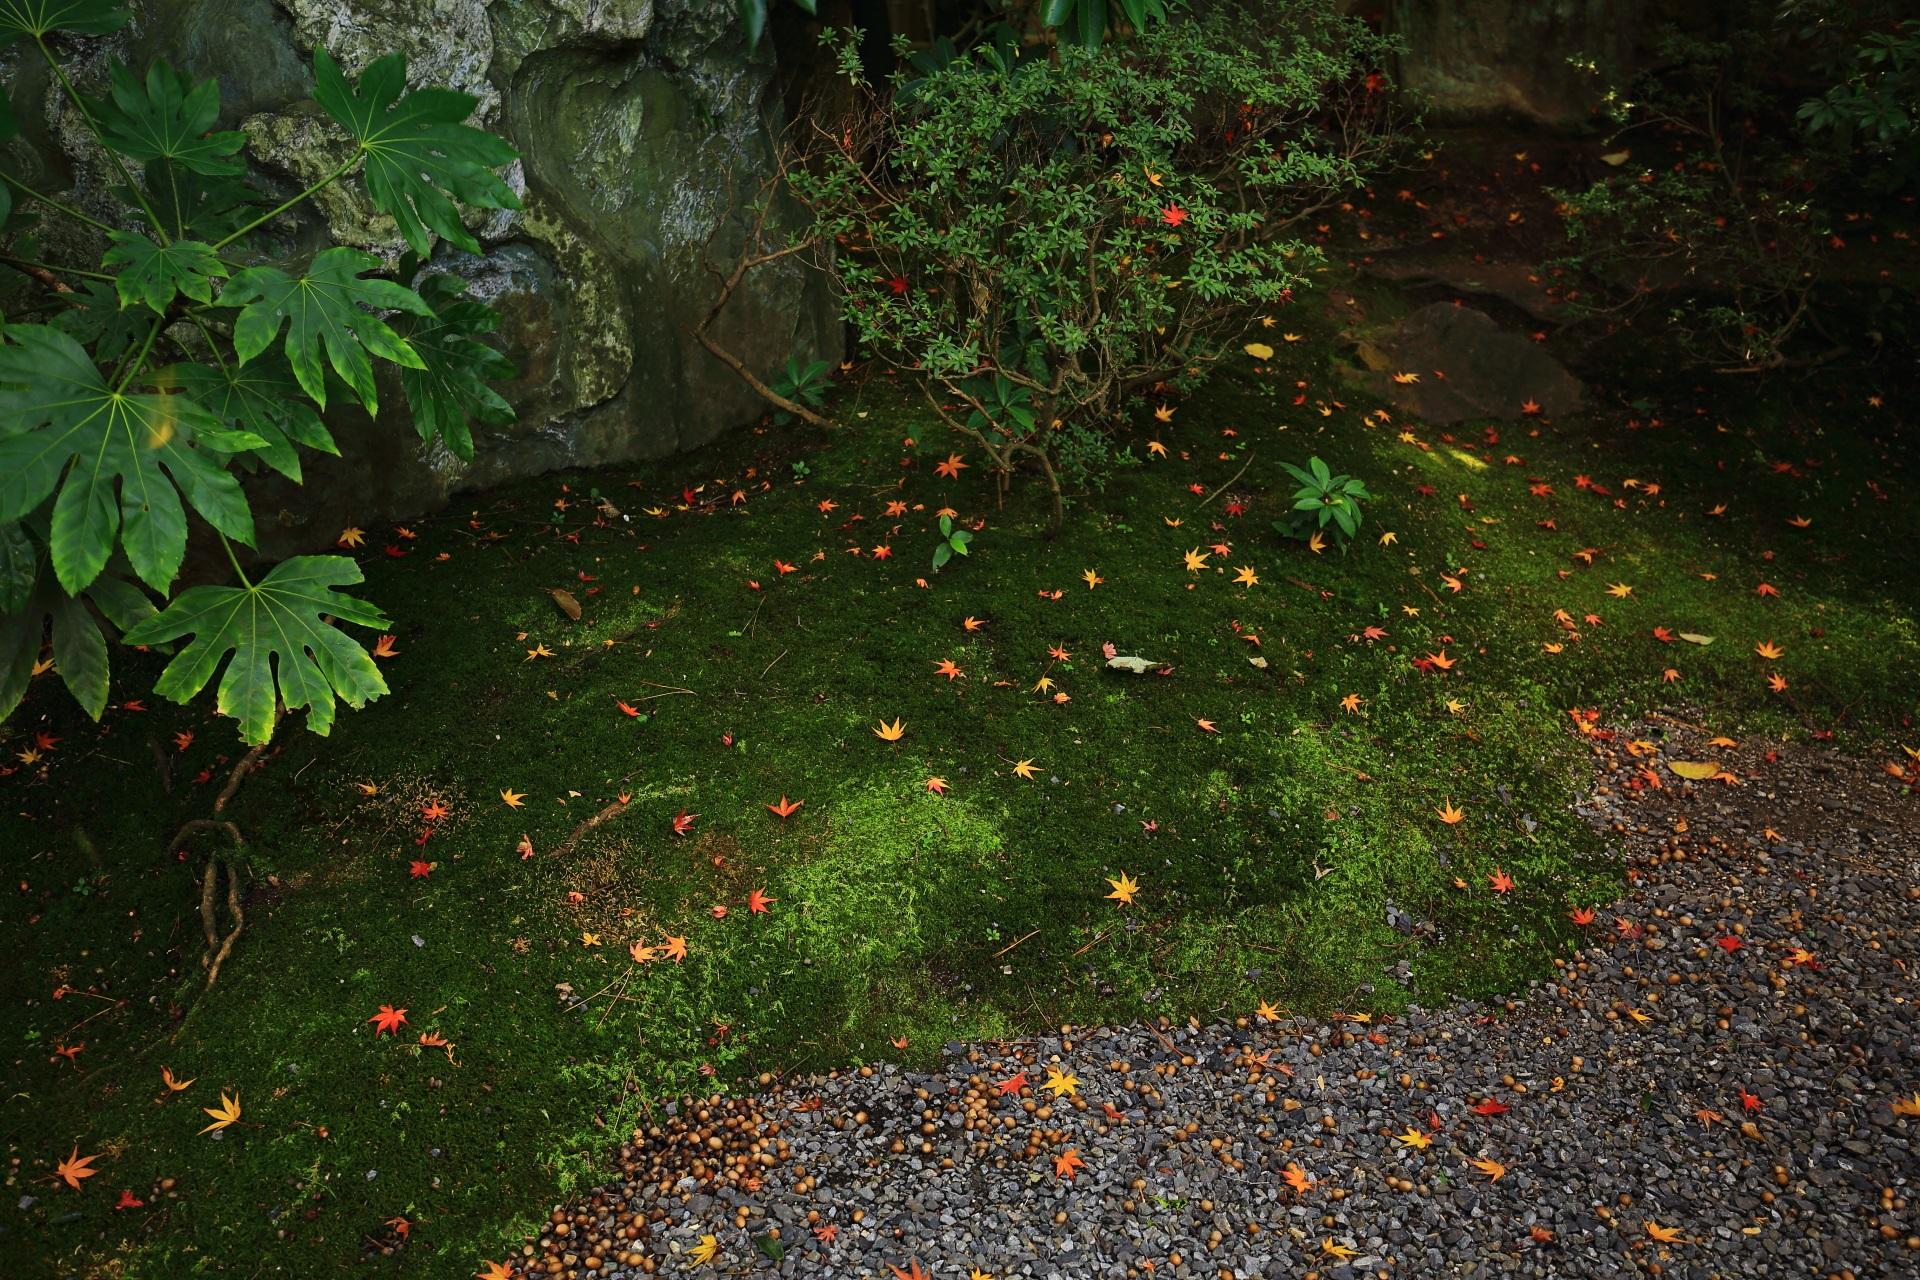 桂春院の綺麗な苔の上の控えめな散り紅葉